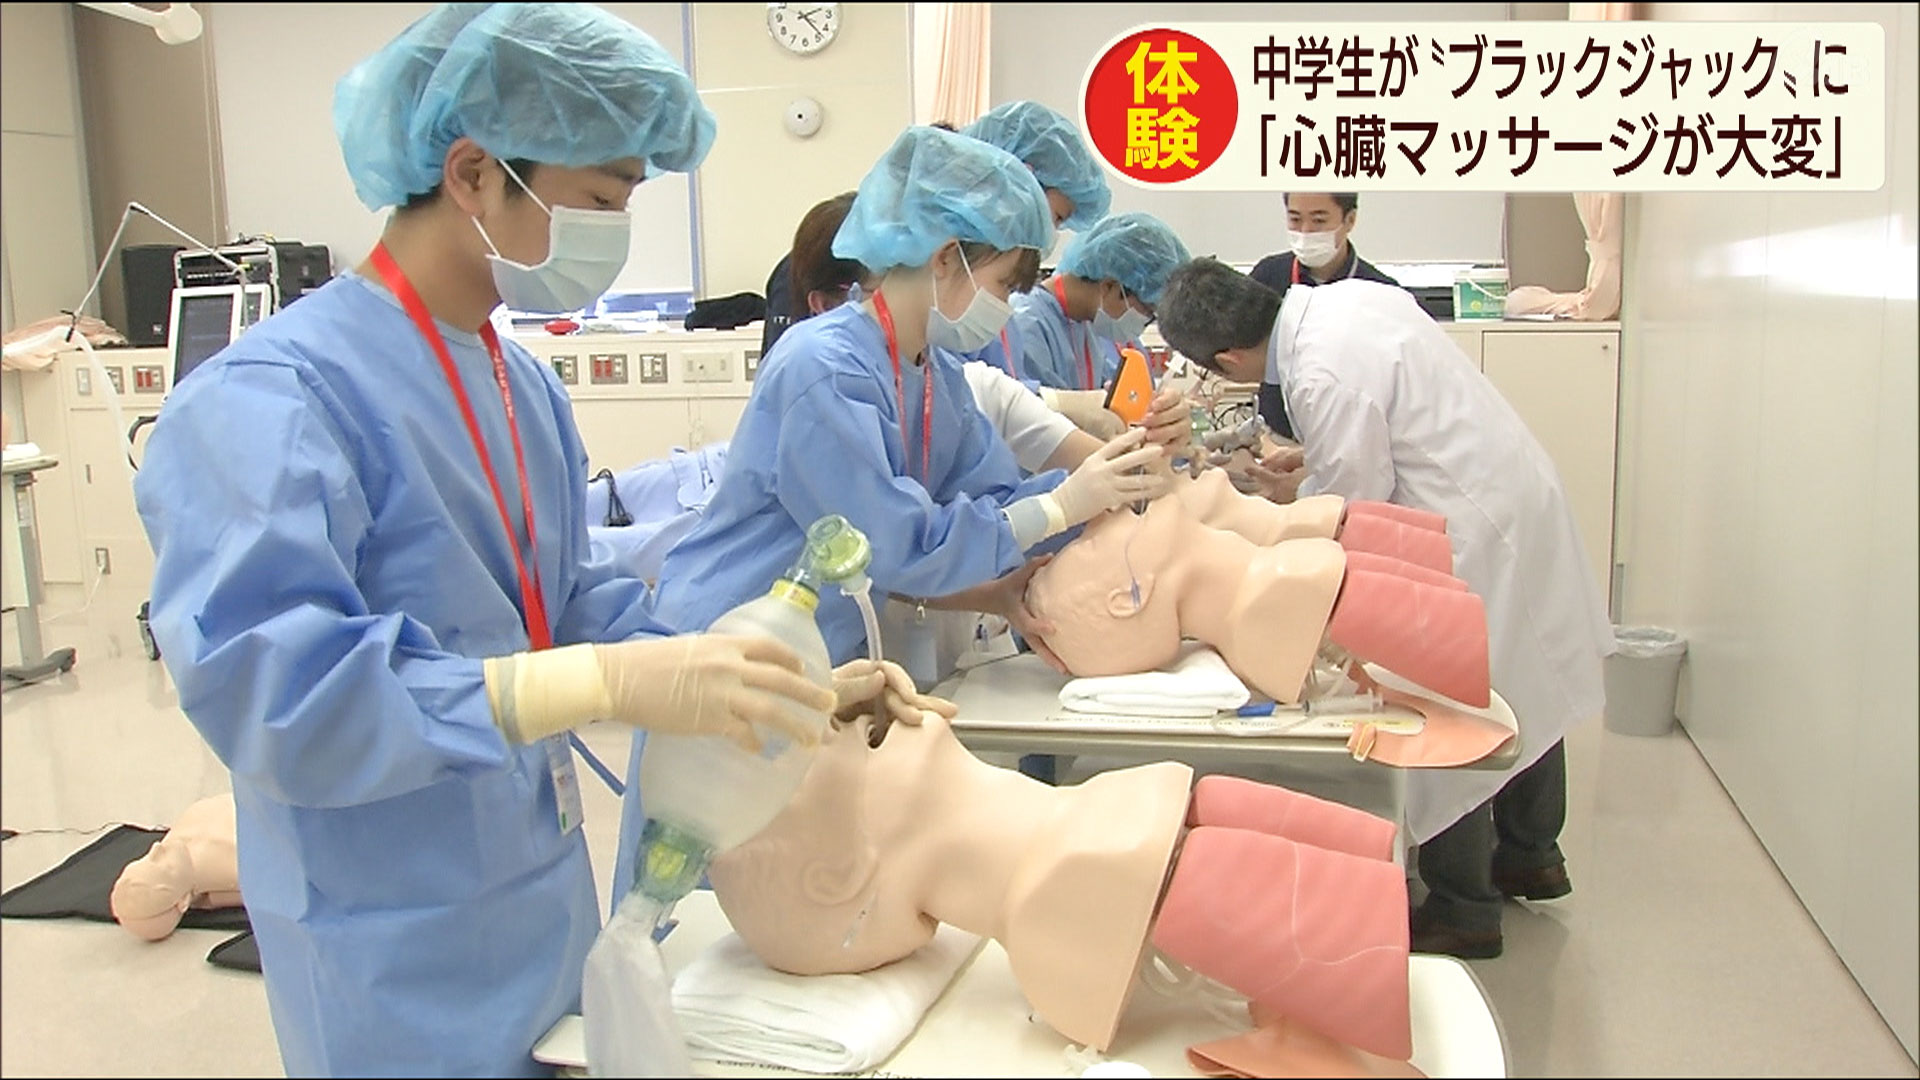 中学生が外科医の仕事を体験実習